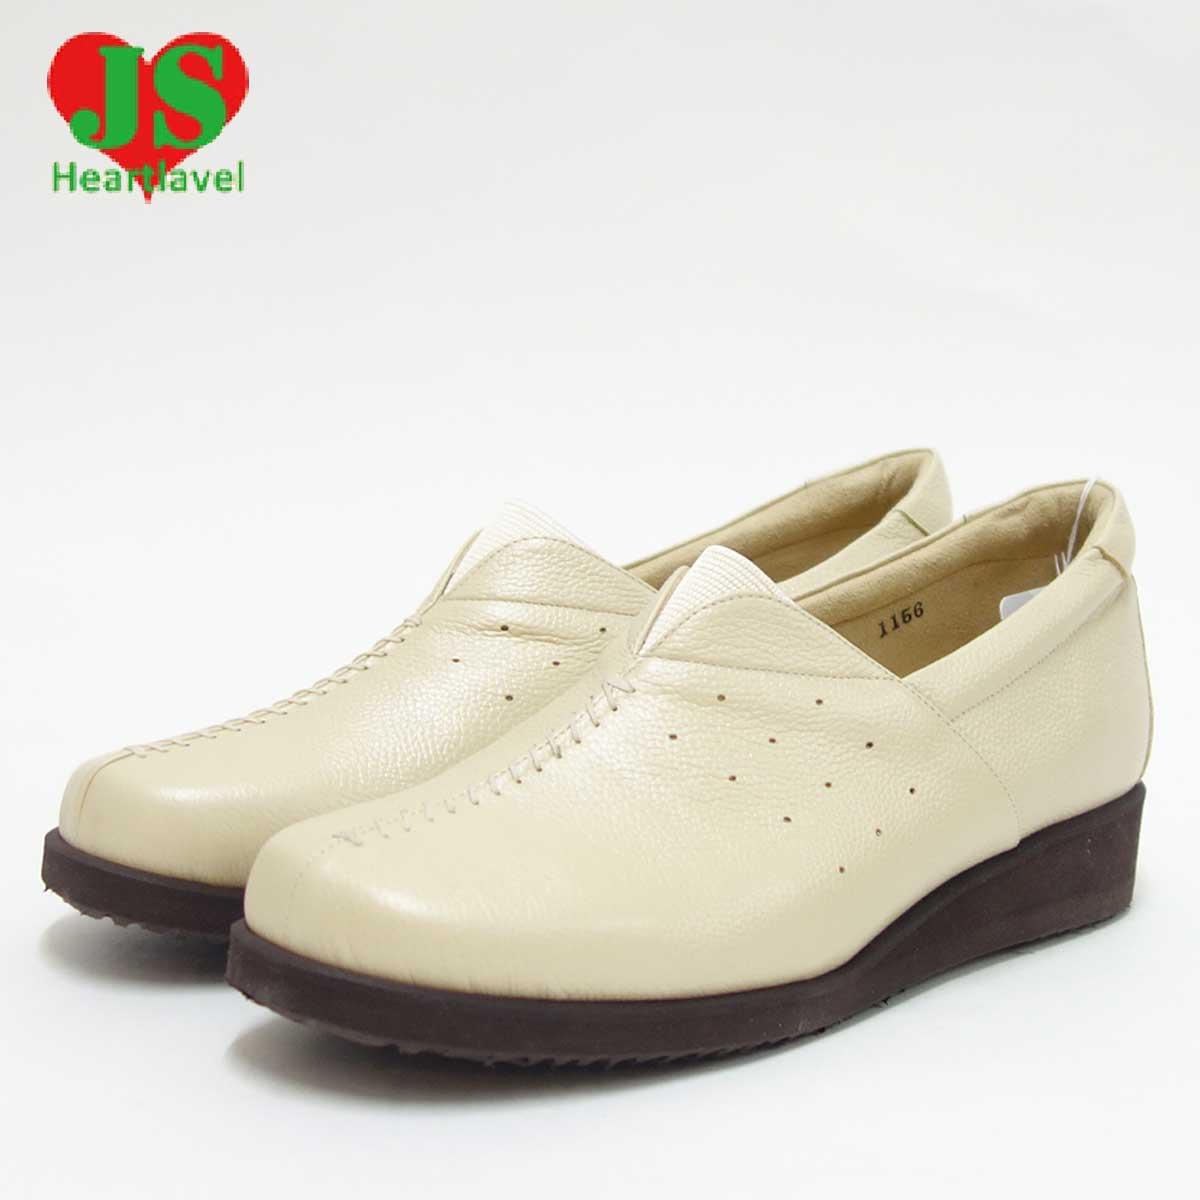 JS Heartlavel ジェイエス ハートラベル1156 ベージュ(レディース)日本製ゆったりEEEEの楽ちんシューズ天然皮革のカジュアルシューズ 「靴」